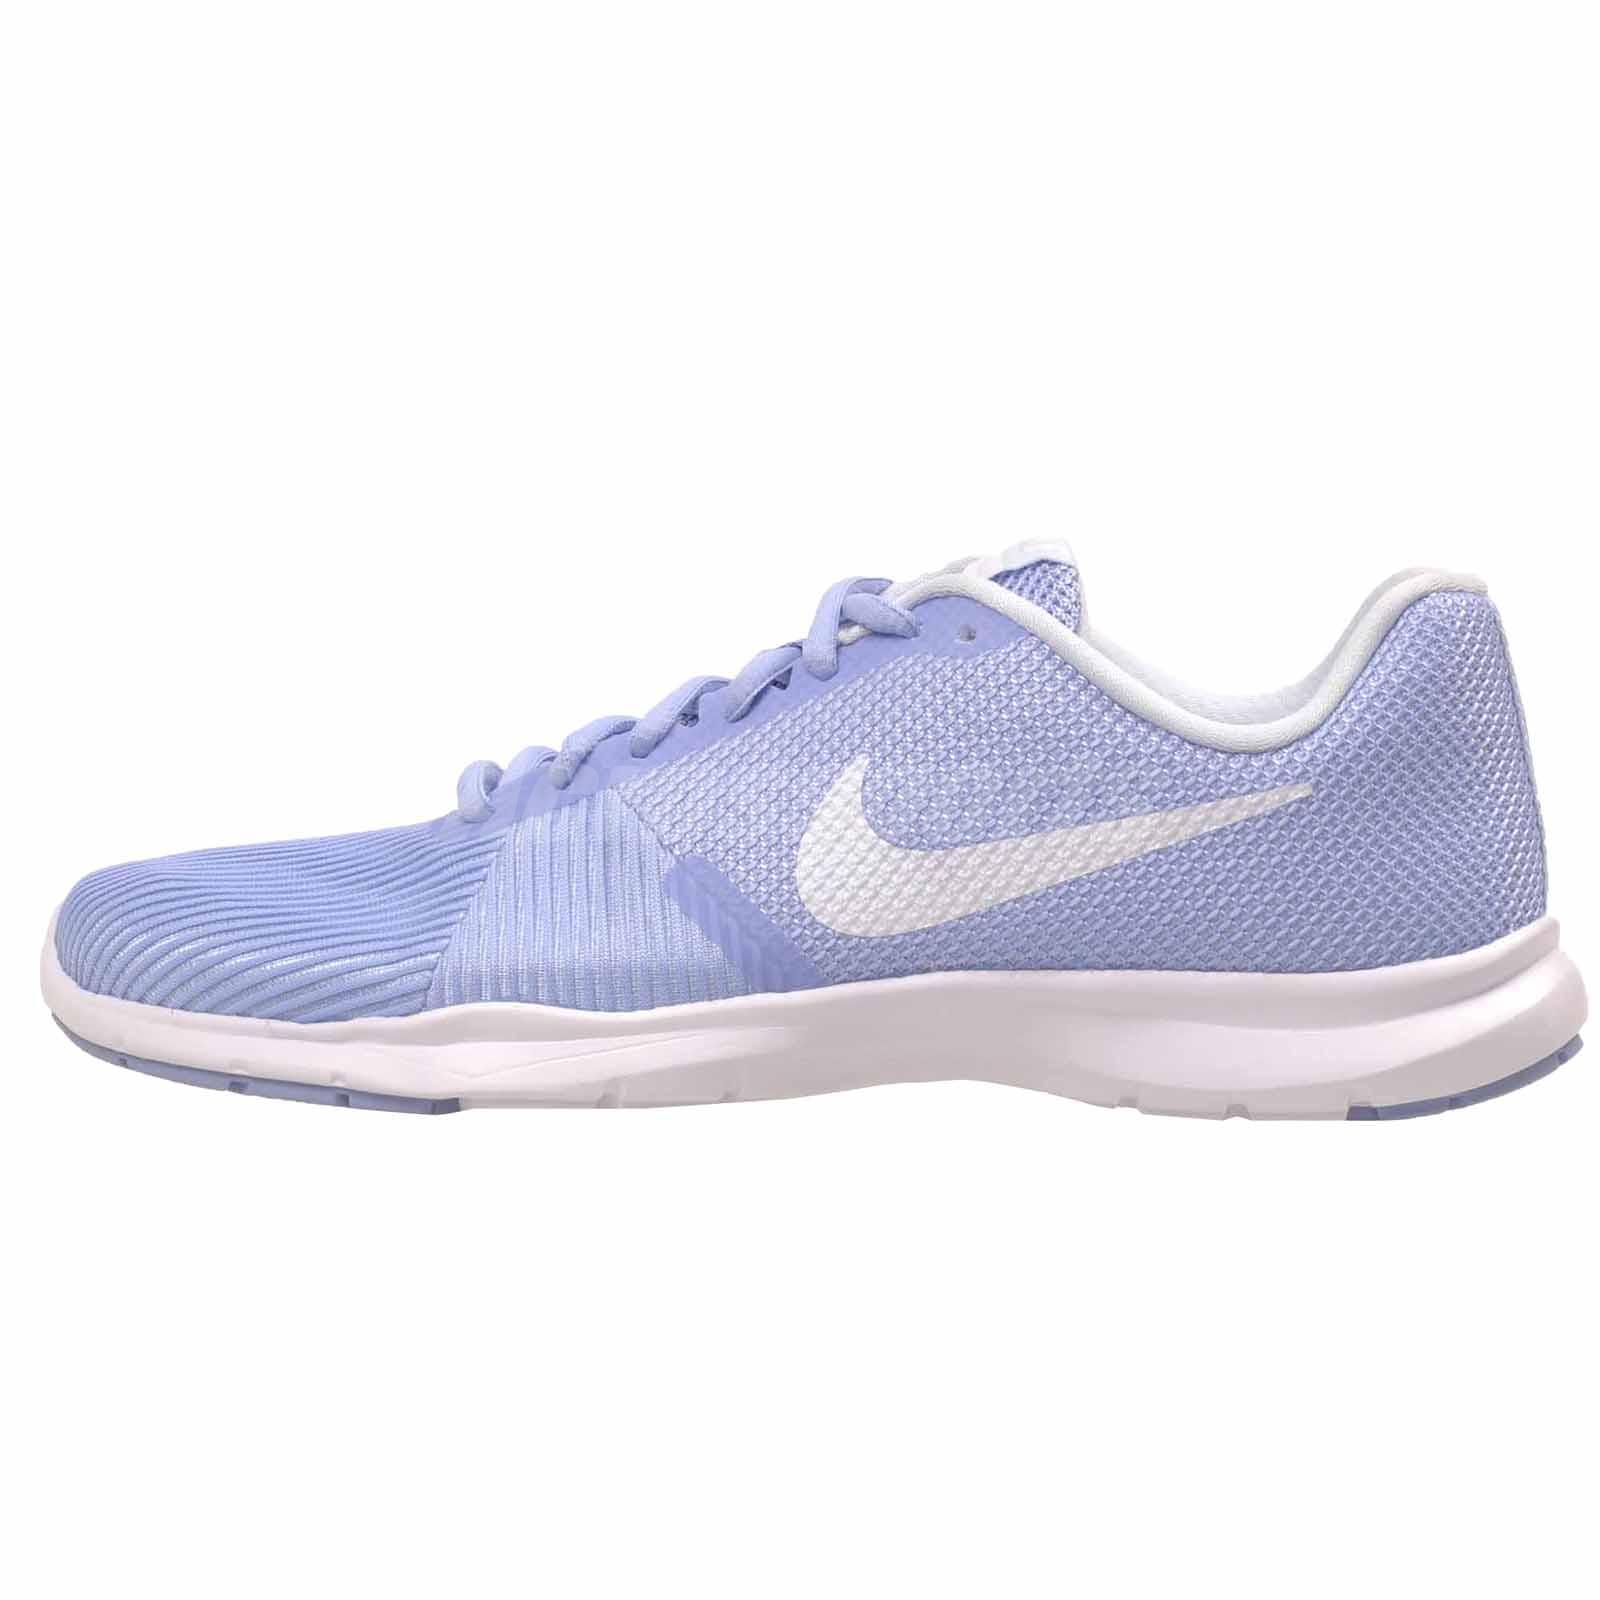 4929652259d8 Details about Nike Wmns Flex Bijoux Cross Training Womens Shoes Aluminum  Blue 881863-400